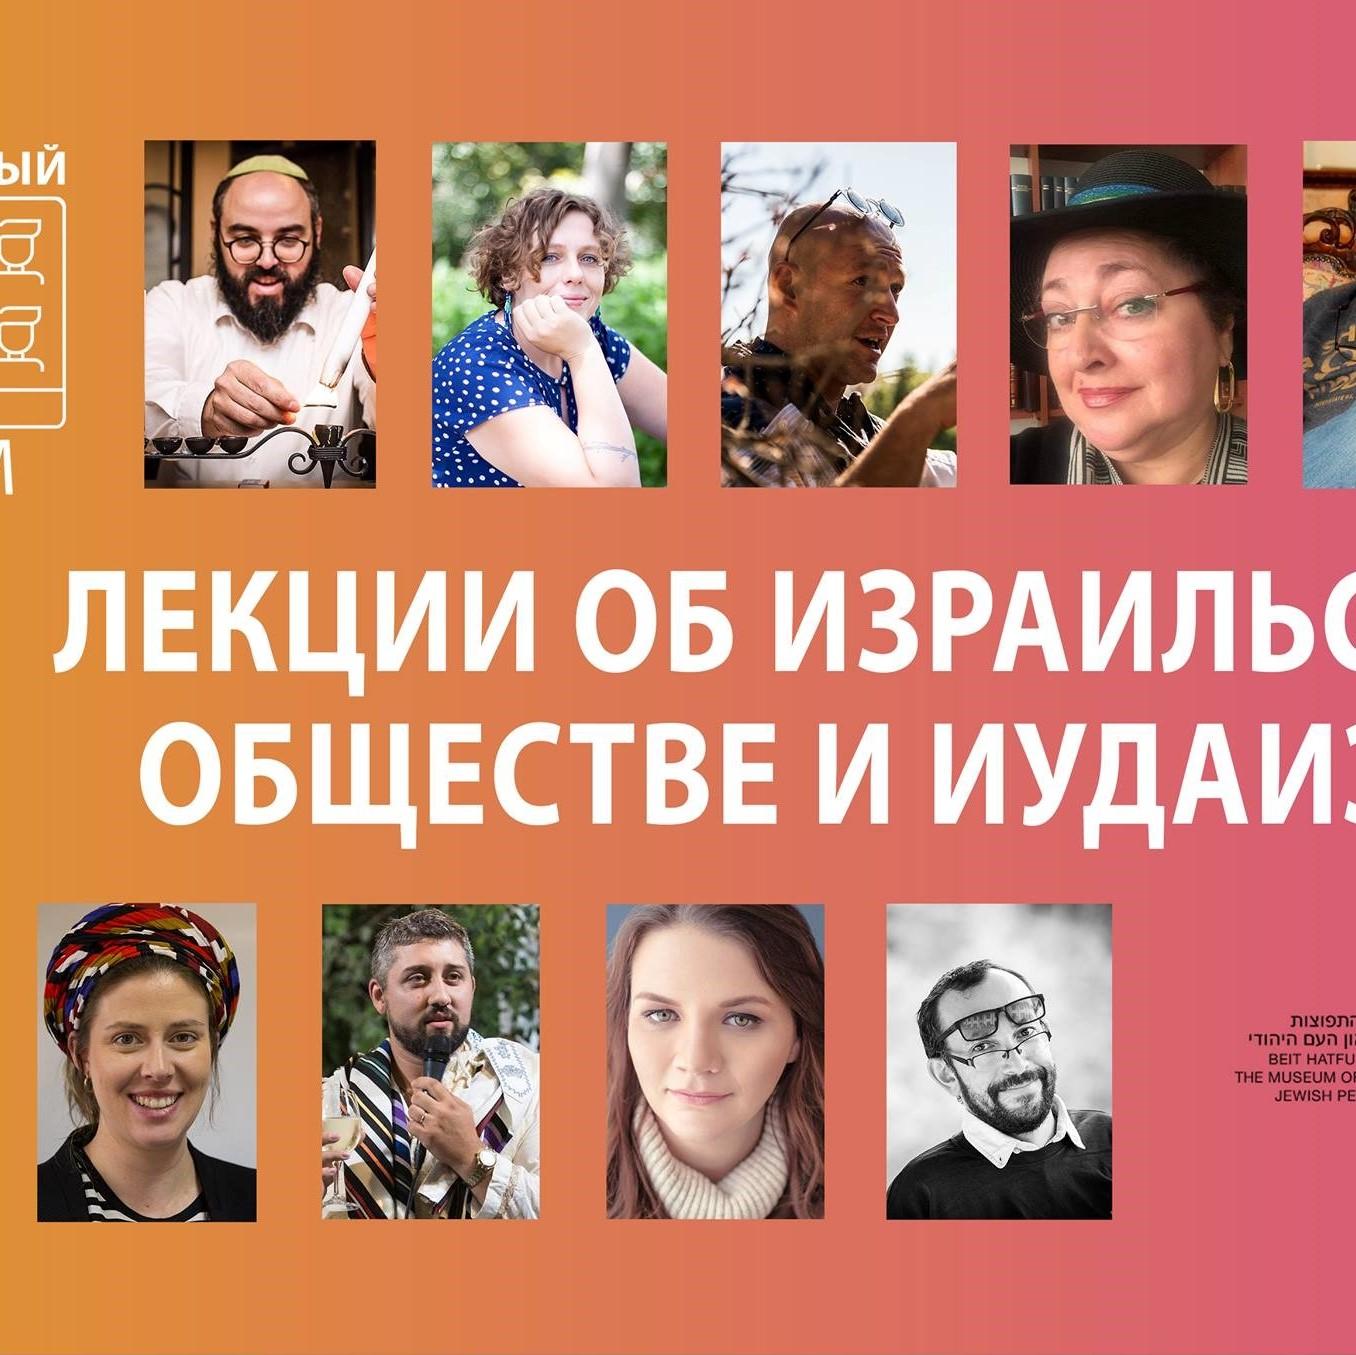 פרסום סדרת ההרצאות לדוברי רוסית